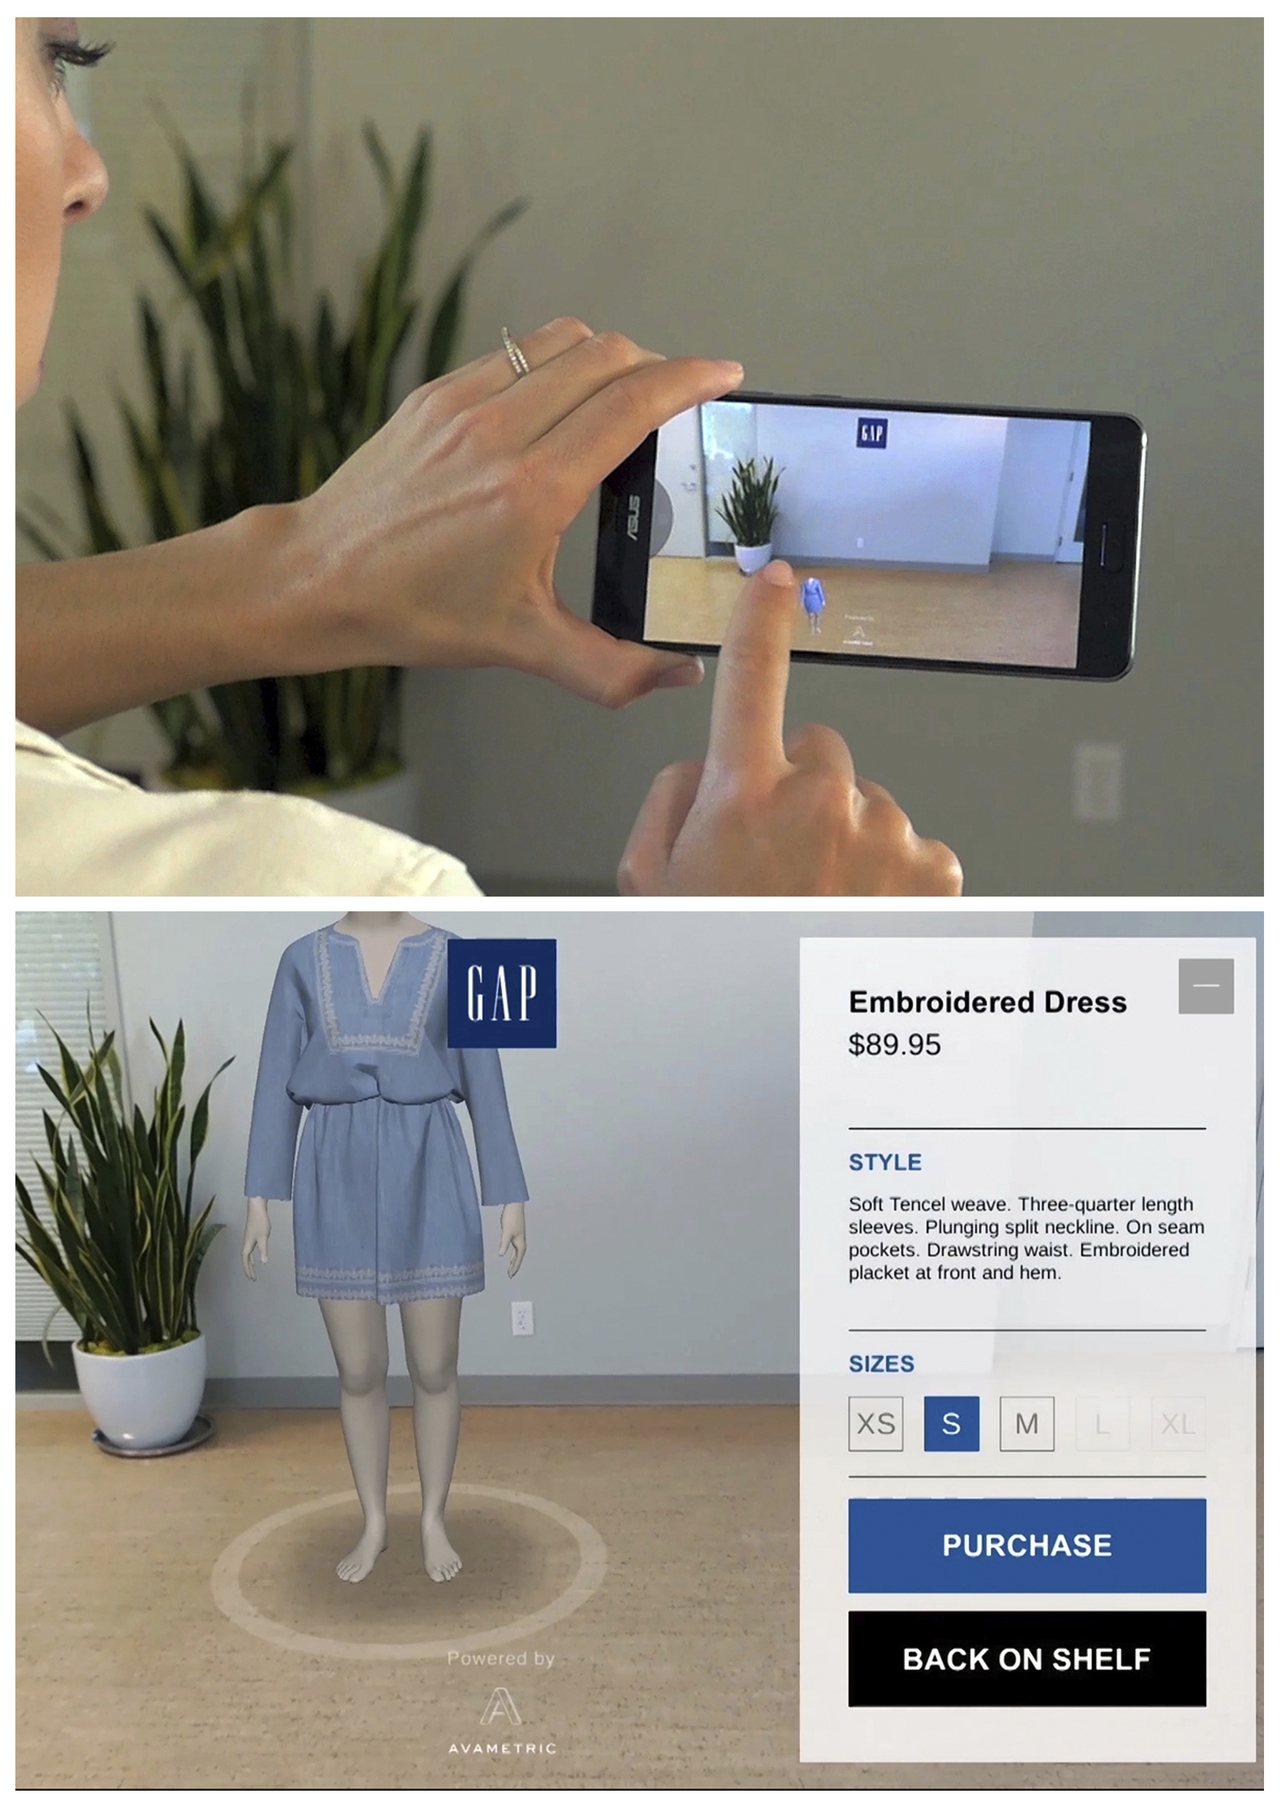 Gap公司的擴增實境app,讓買家能虛擬試穿。買家只需輸入身高、體重等基本資料,...